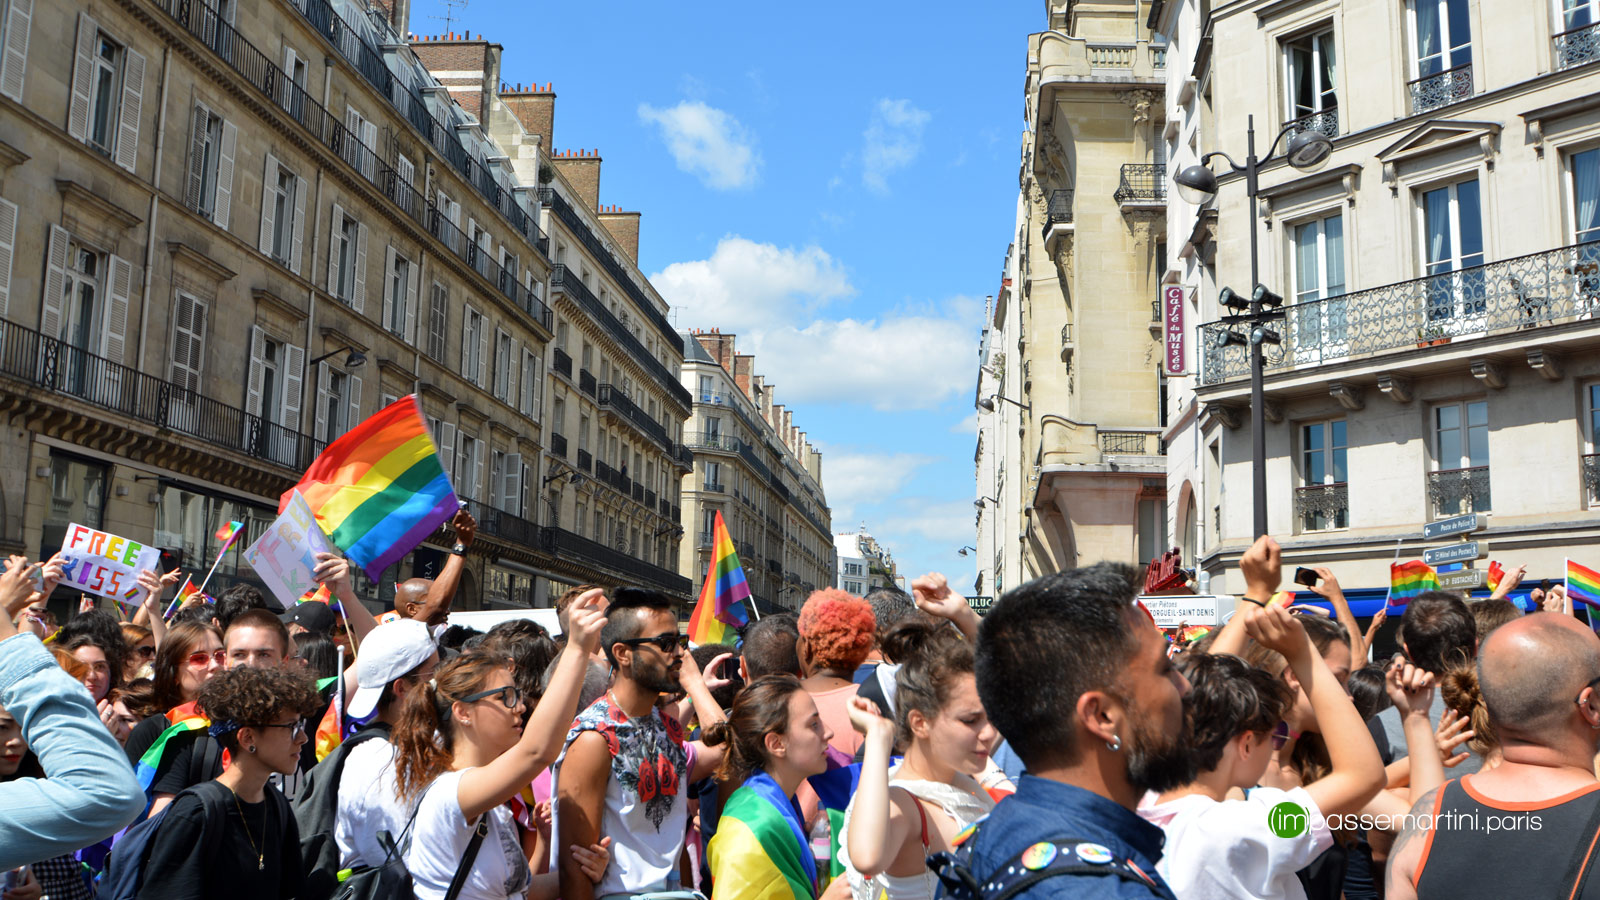 rencontre gay asiatique paris à Saint Martin